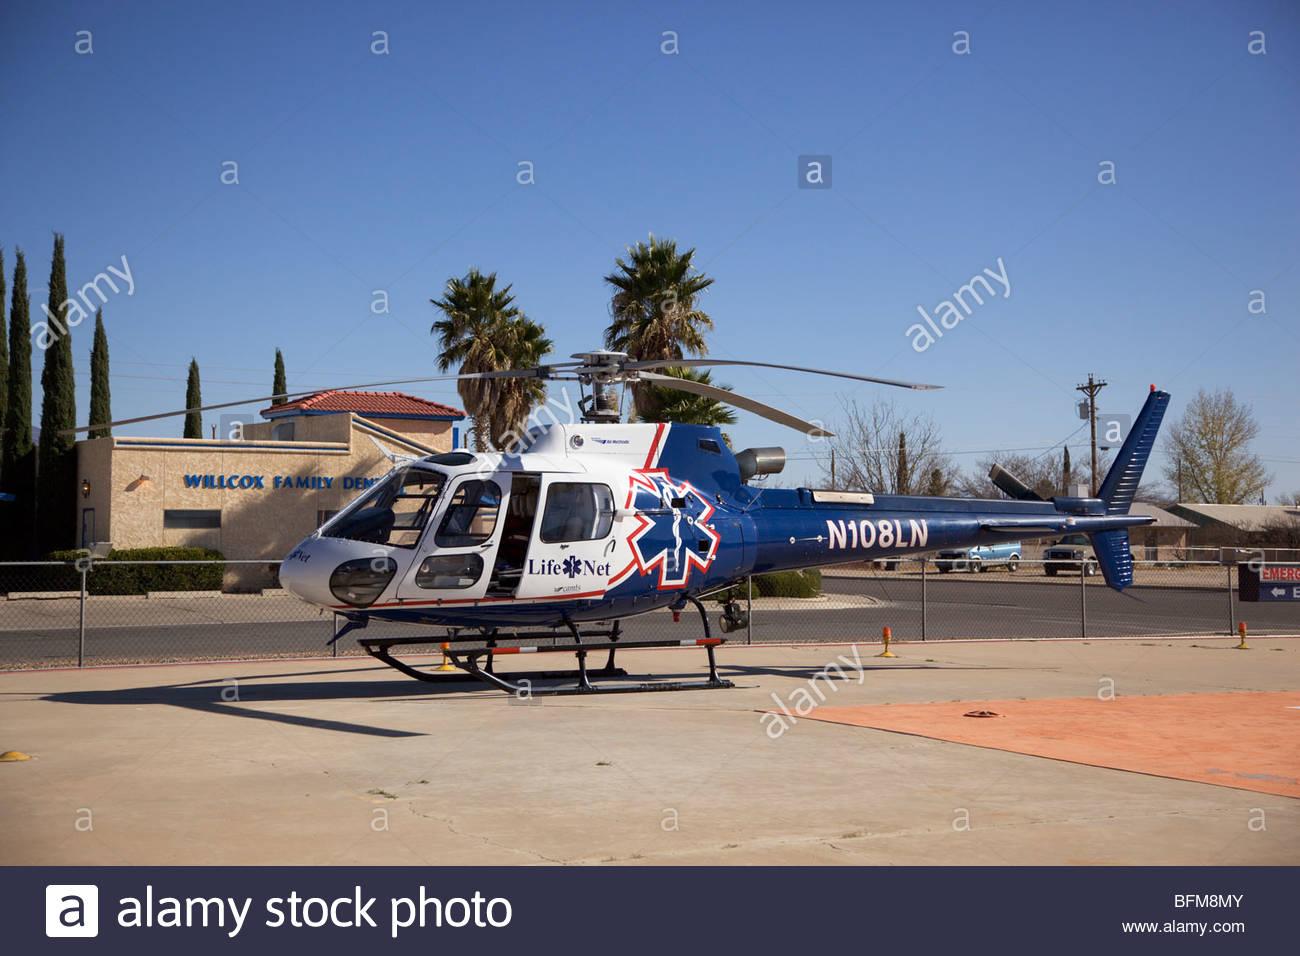 Elicottero B3 : Lifenet eurocopter as b astar elicottero parcheggiato all